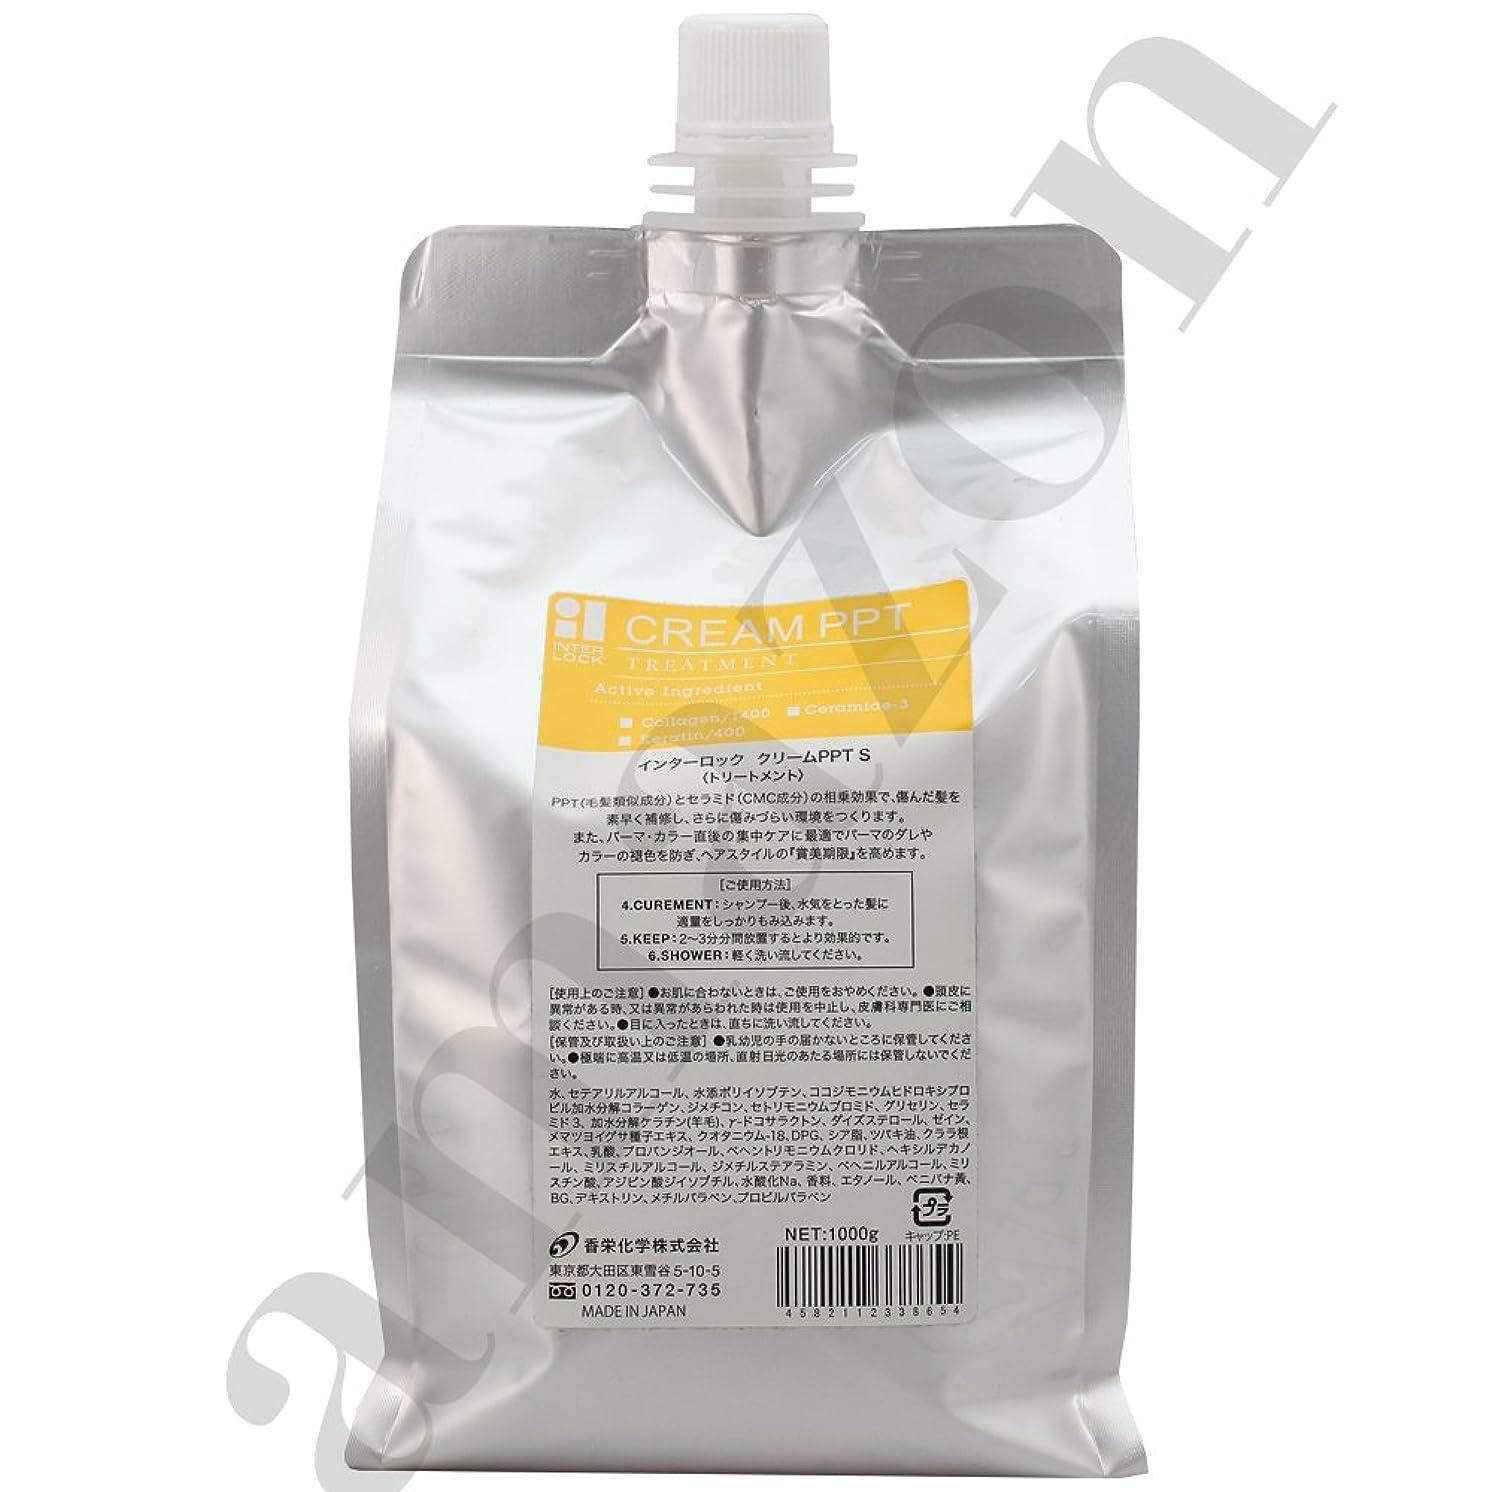 ライオン崖話香栄化学 インターロック クリームPPT S レフィル 1000g